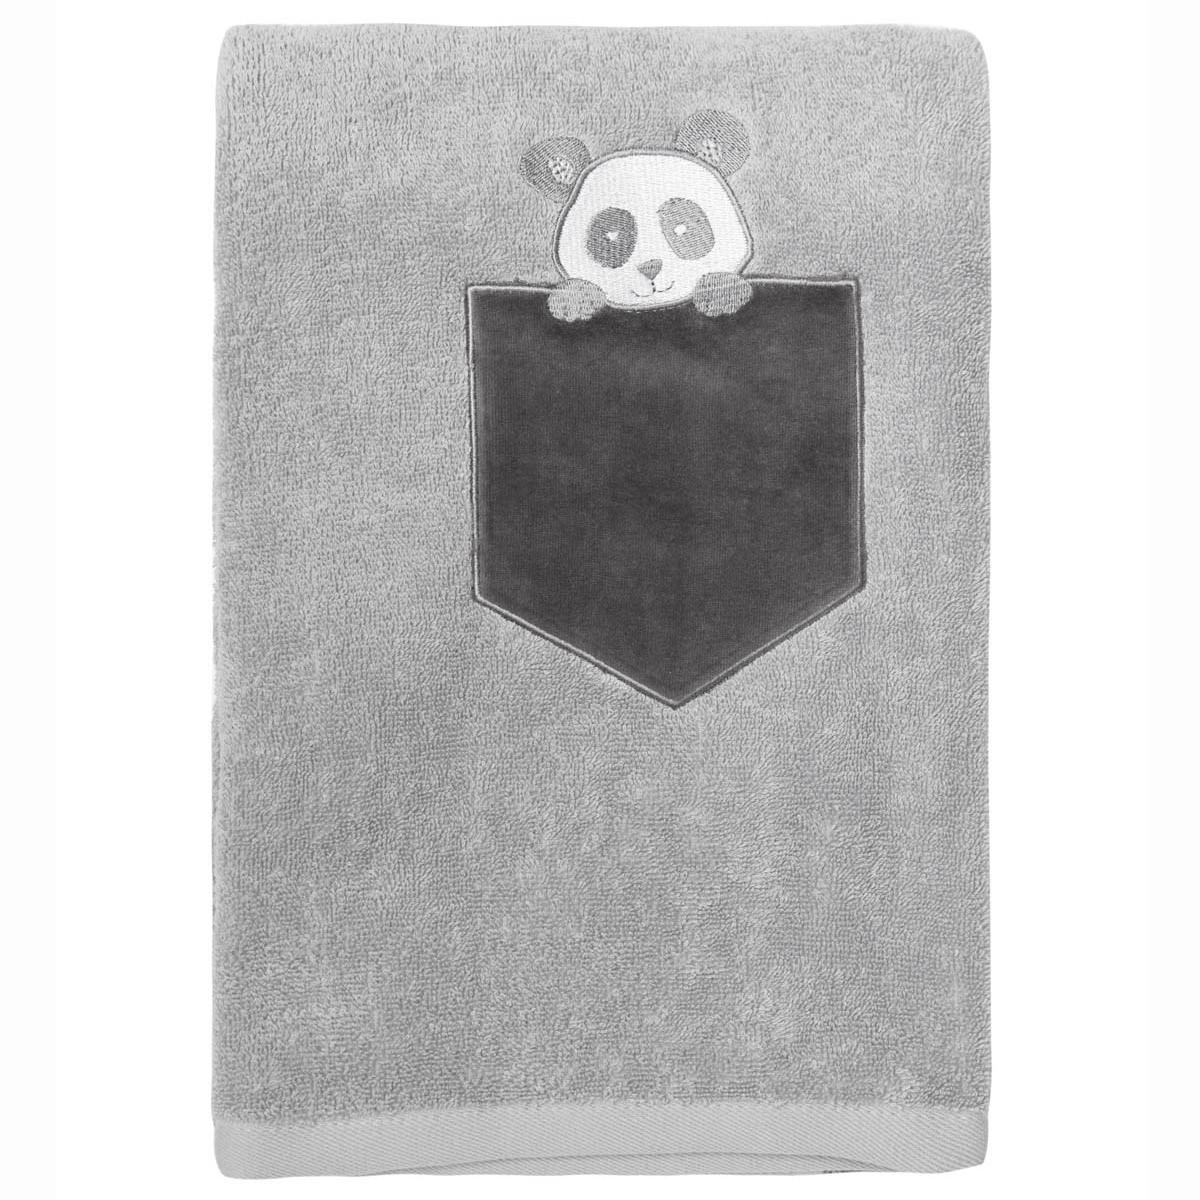 Drap de douche enfant coton gris perle 70x130